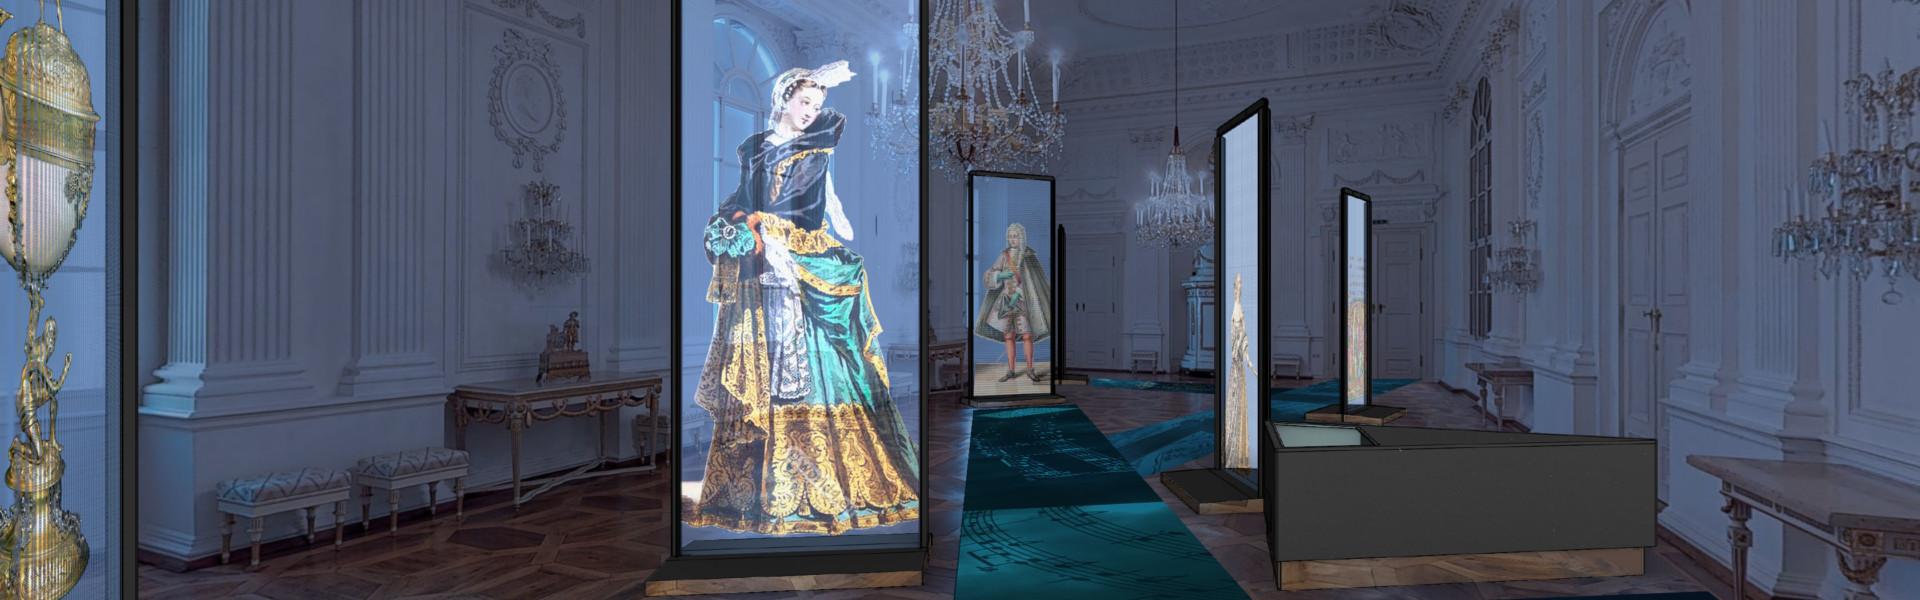 Blick in die Ausstellung, Weisser Saal